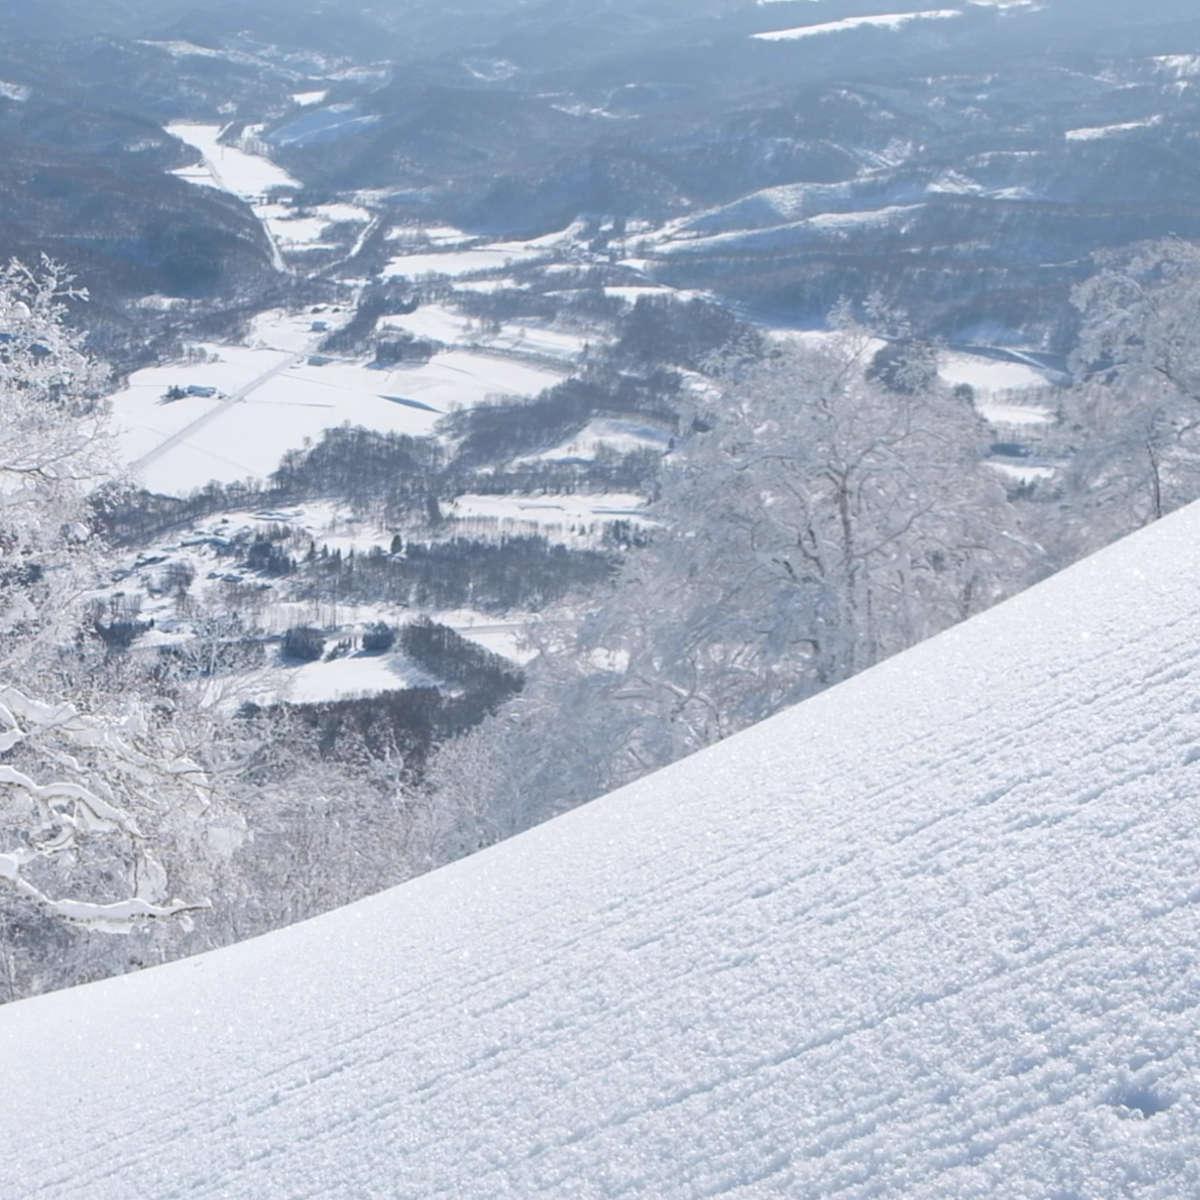 Furano-ski-resort-hokkaido-japan